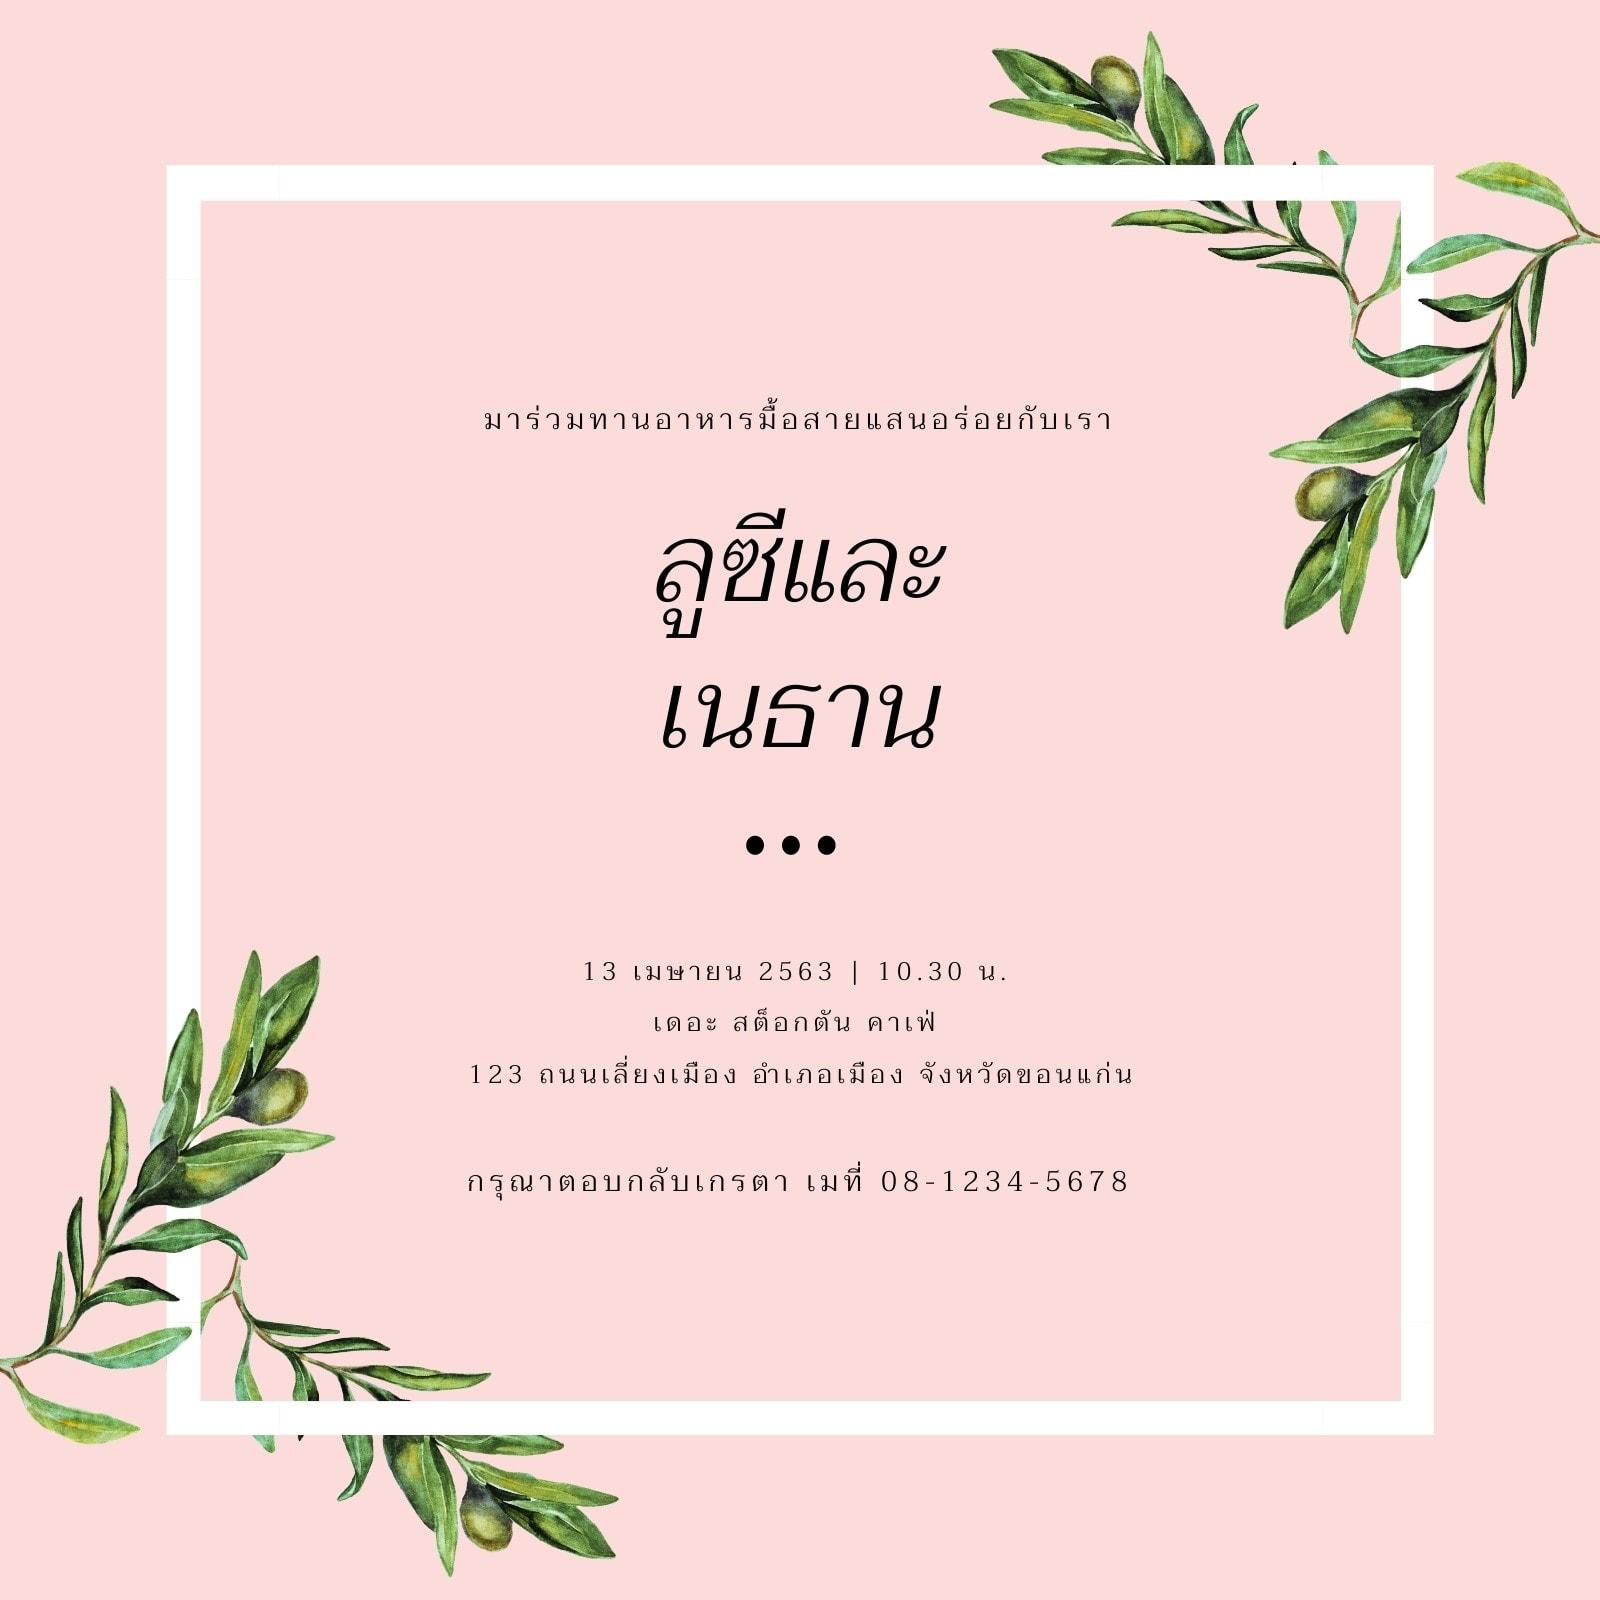 คำเชิญ อาหารมื้อสาย งานแต่งงาน สีมะกอก สีเขียว สีกุหลาบ